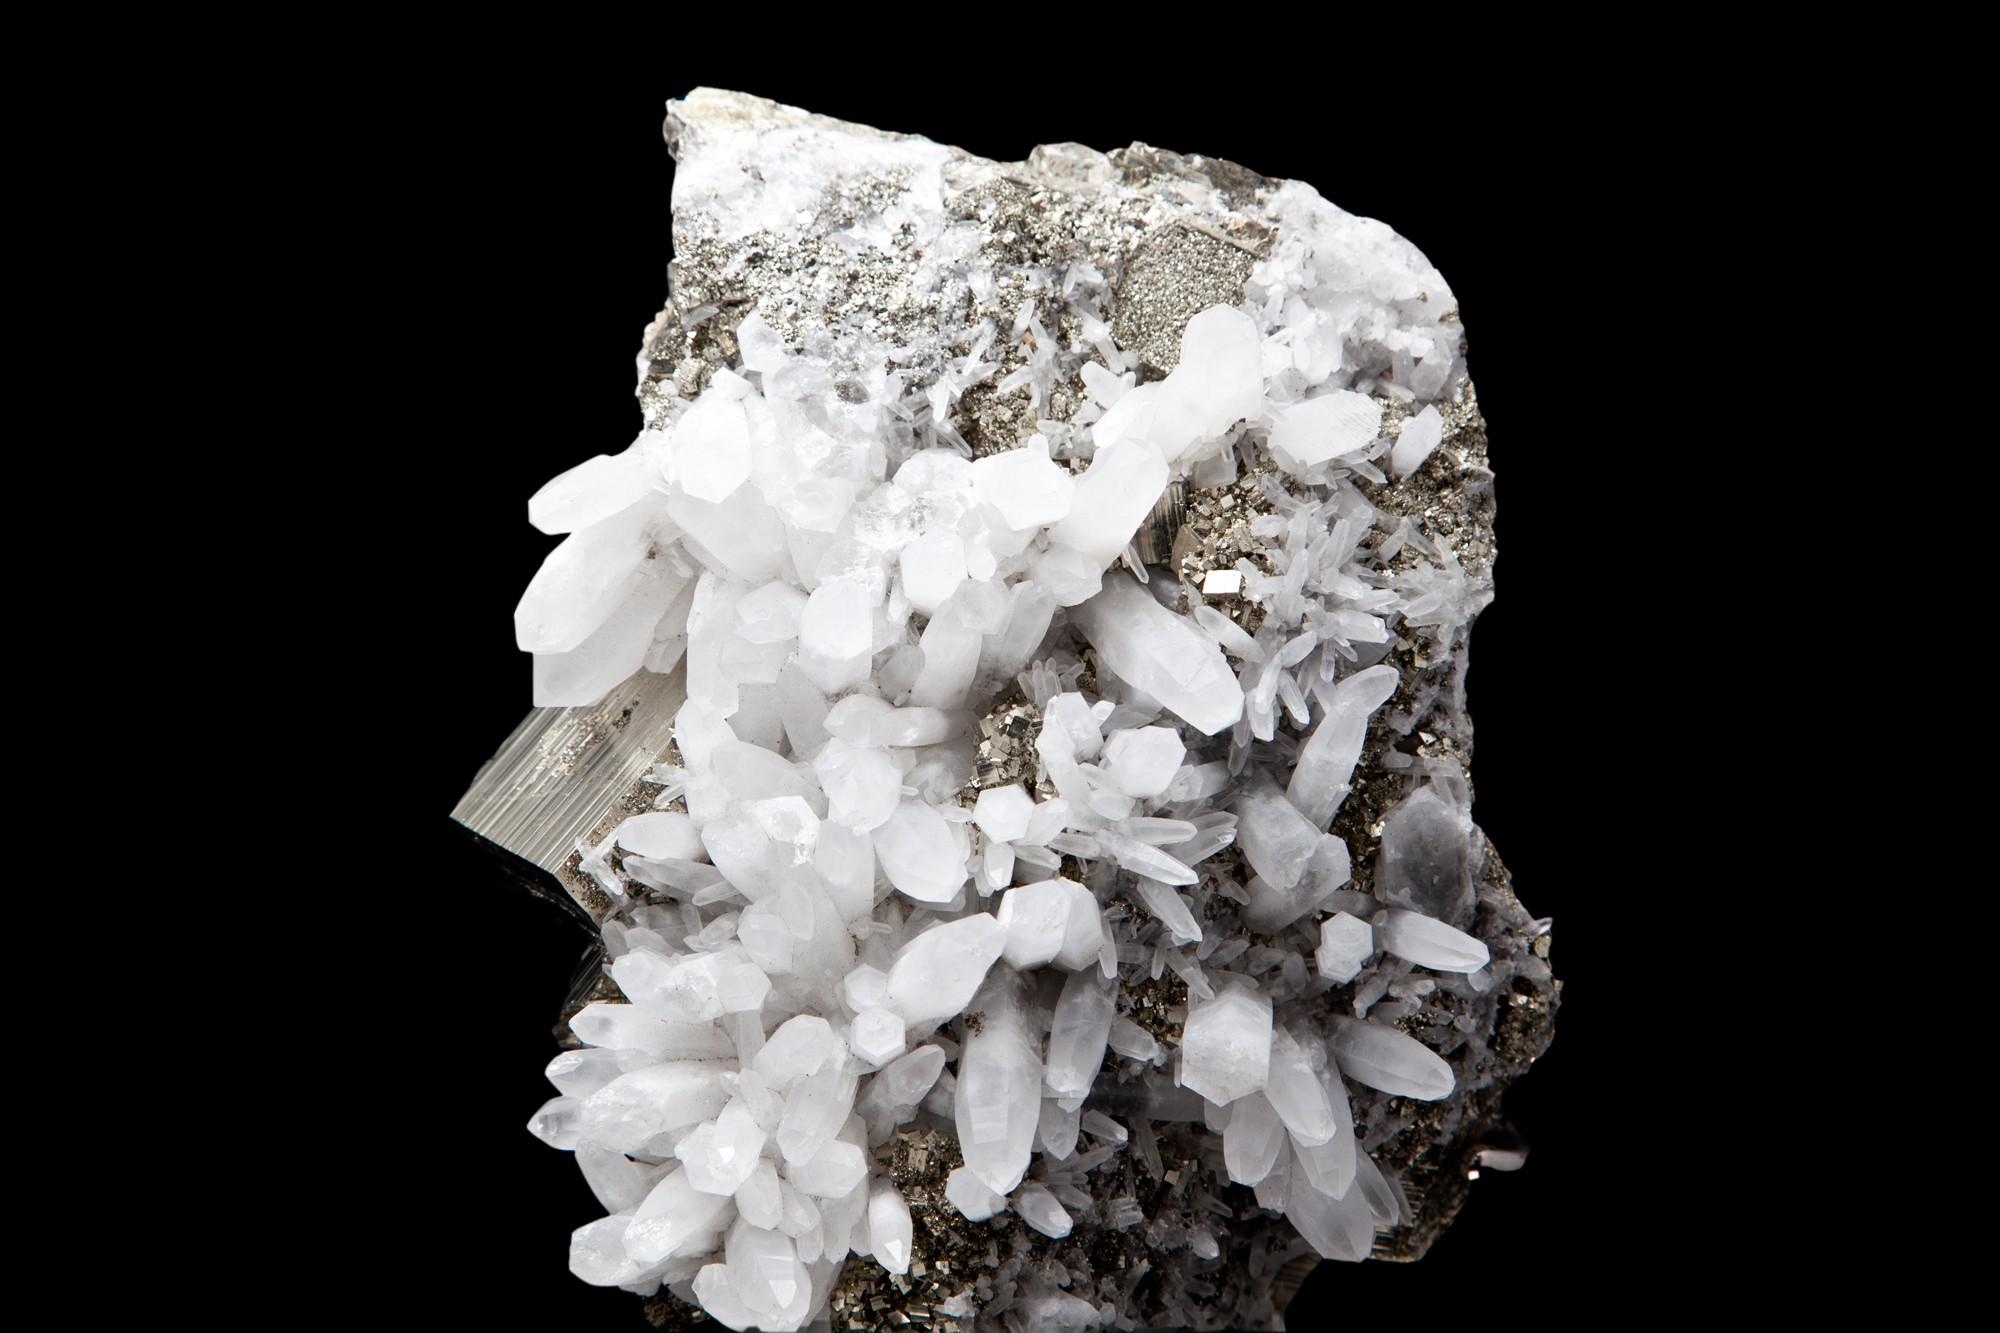 Quartz and Pyrite close up1.3